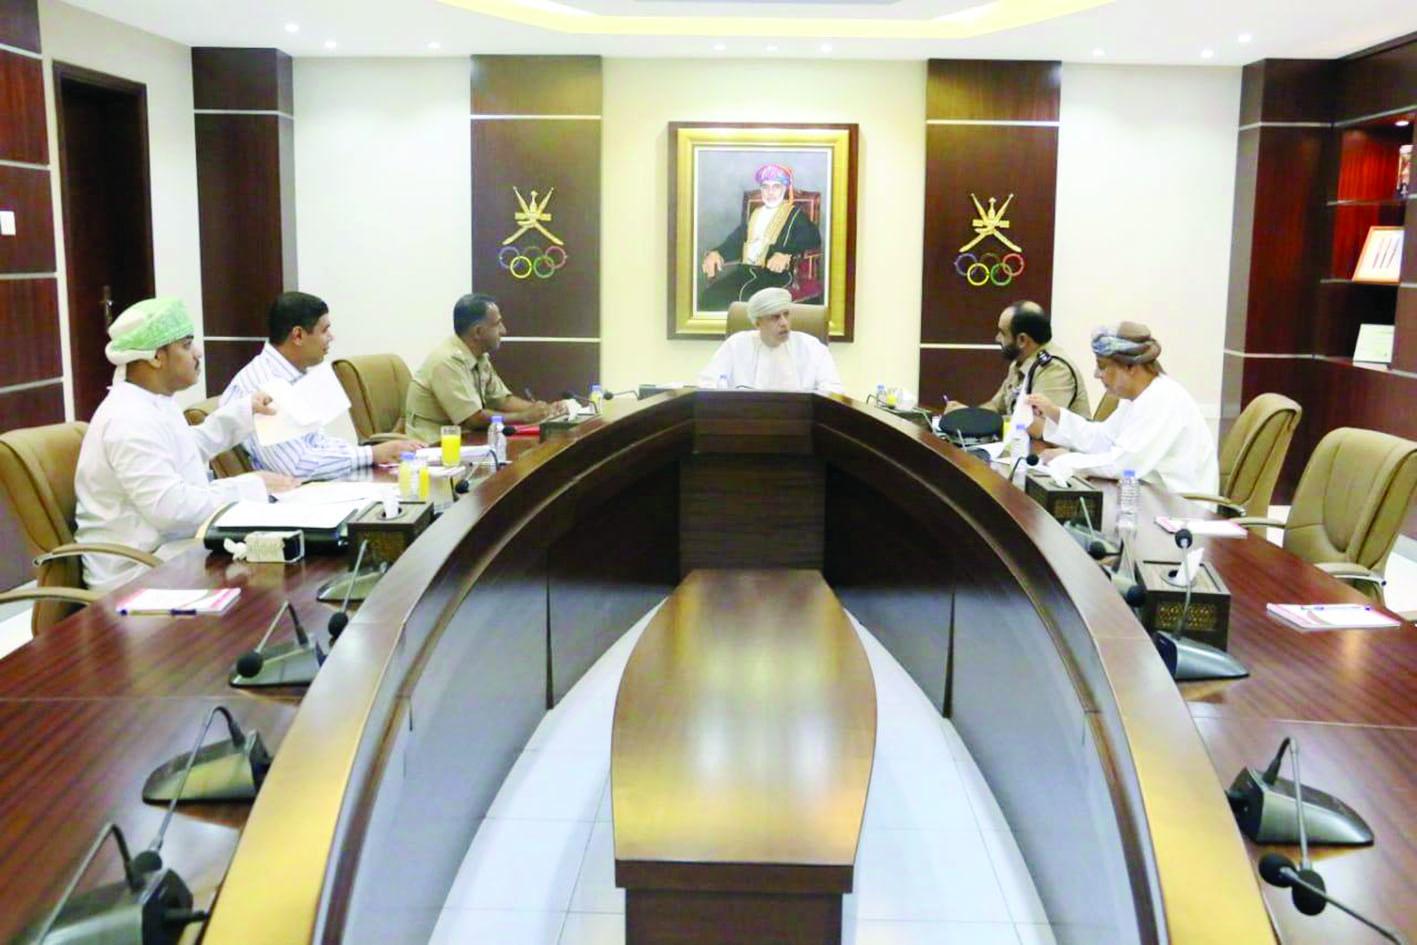 لجنة البطولة العربية للدراجات الجبلية تناقش استعداداتها